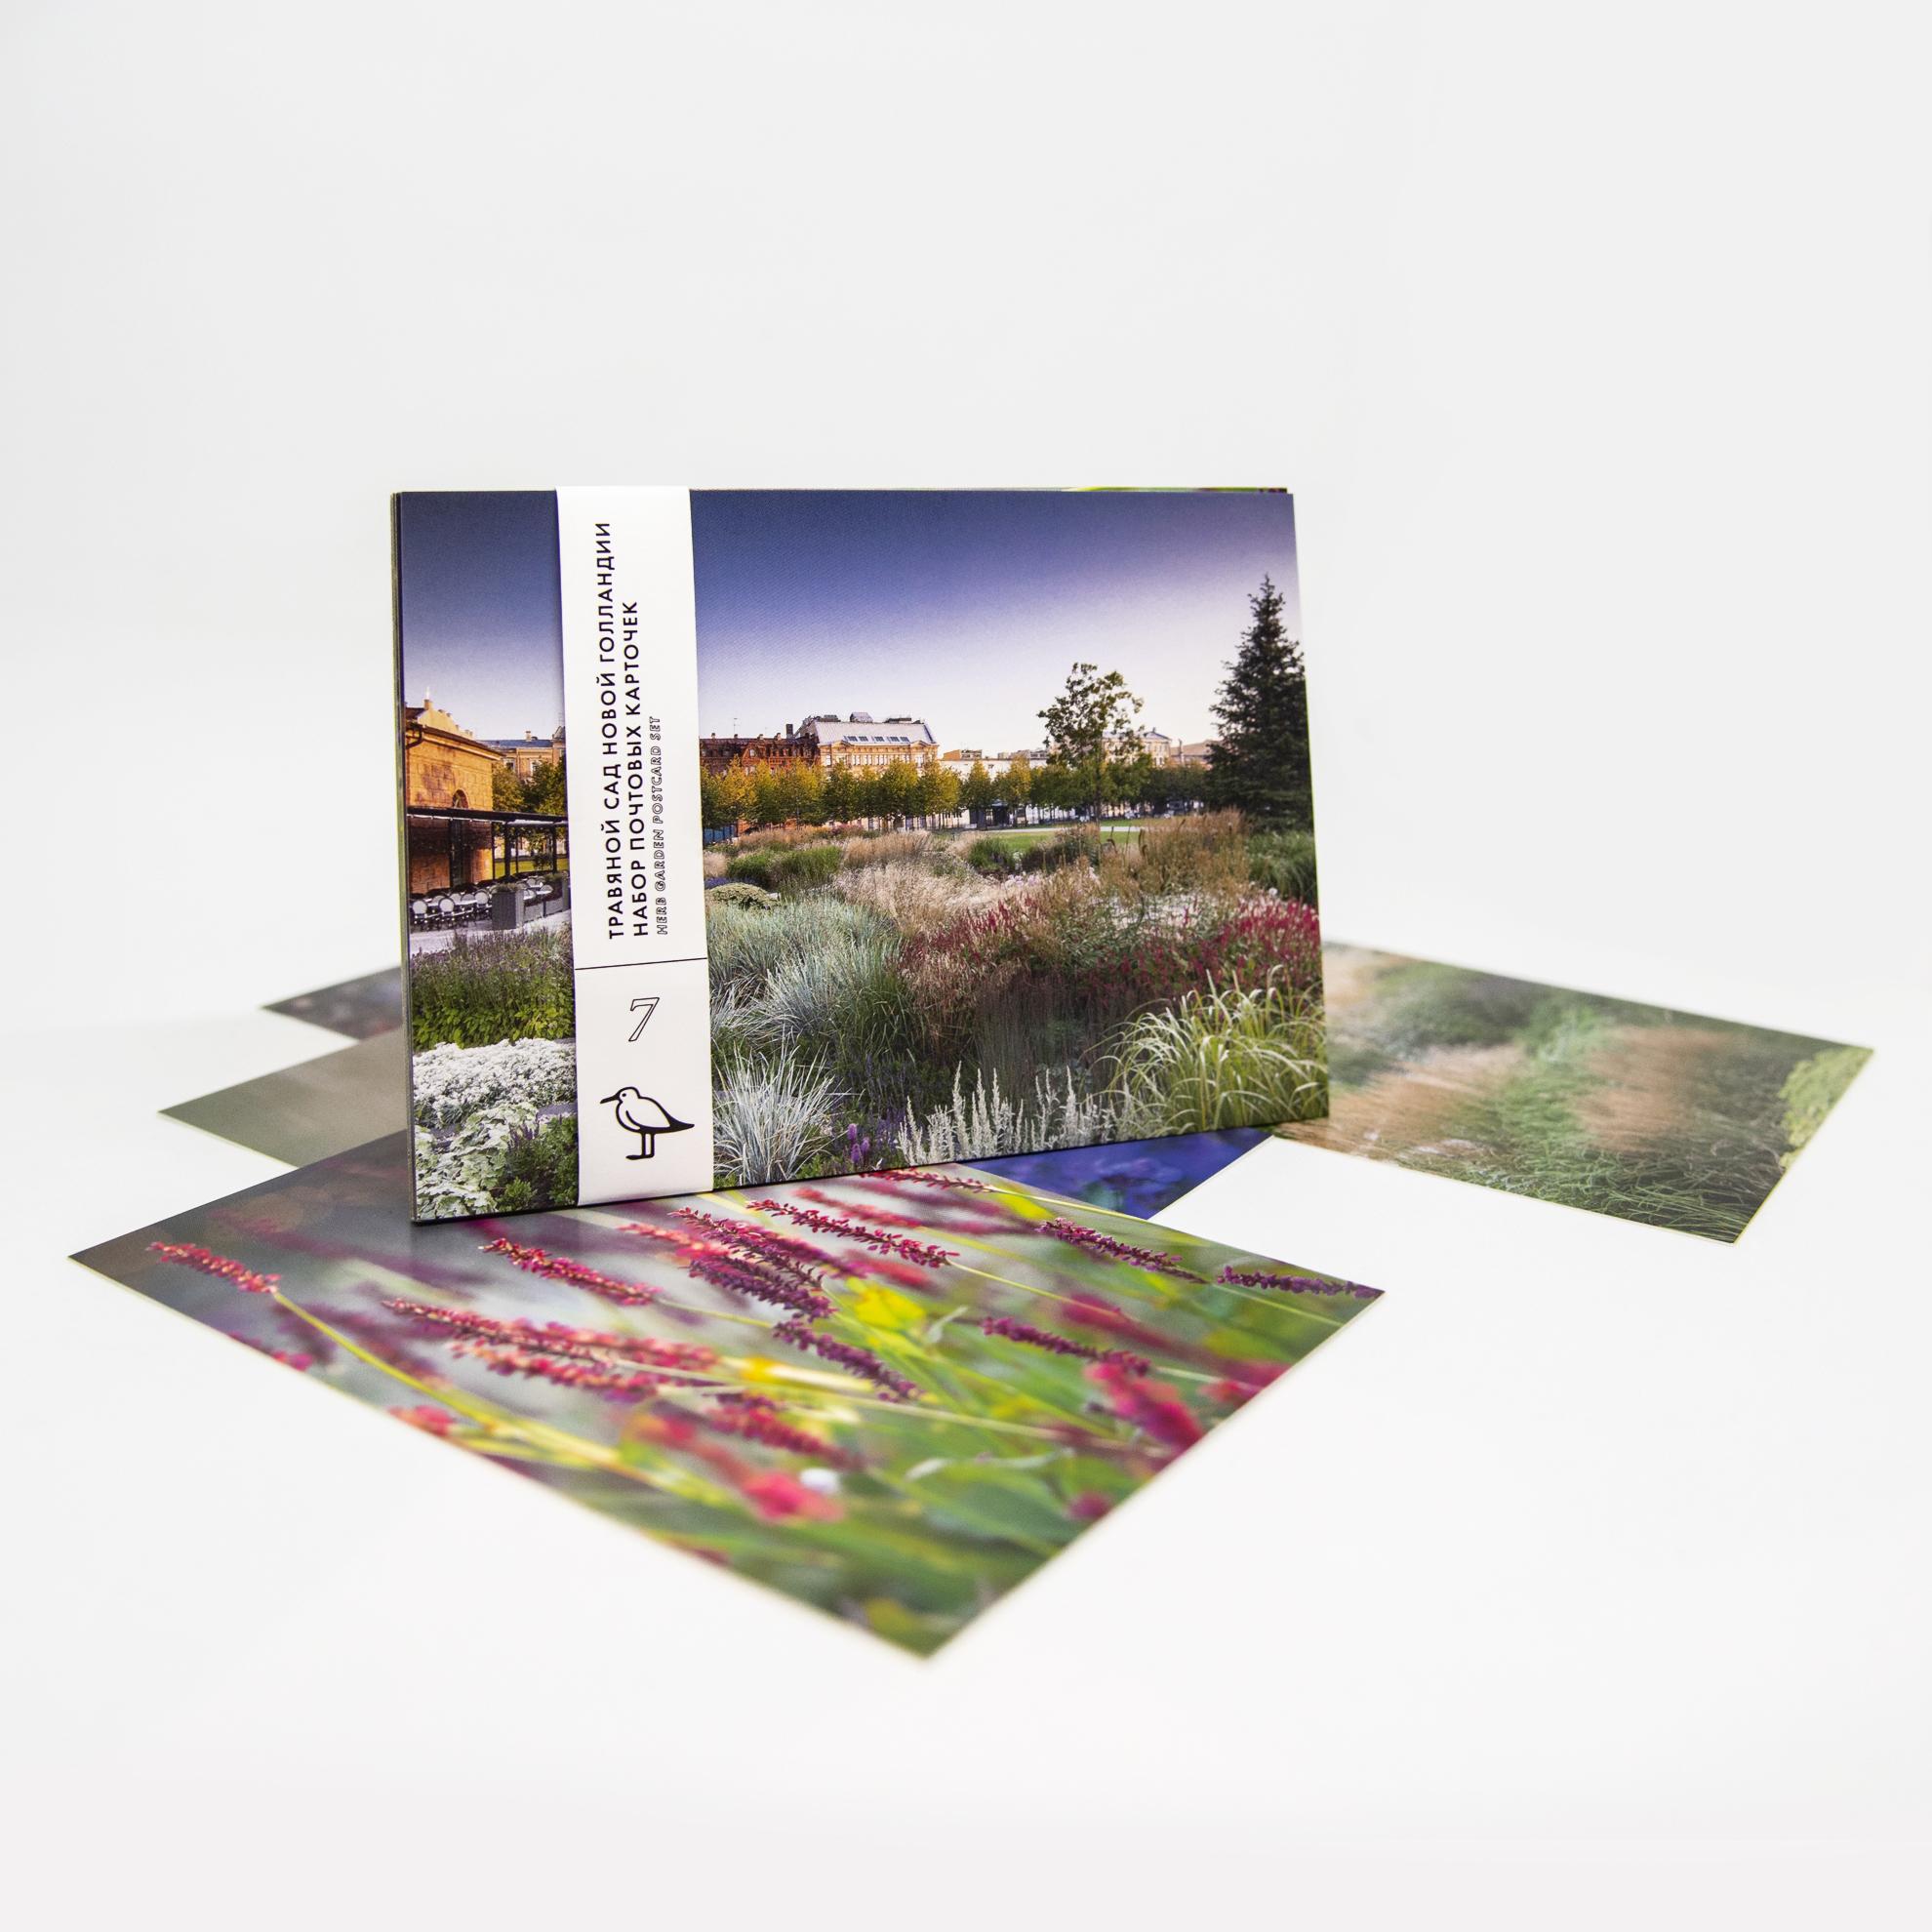 Набор почтовых карточек с видами травяного сада